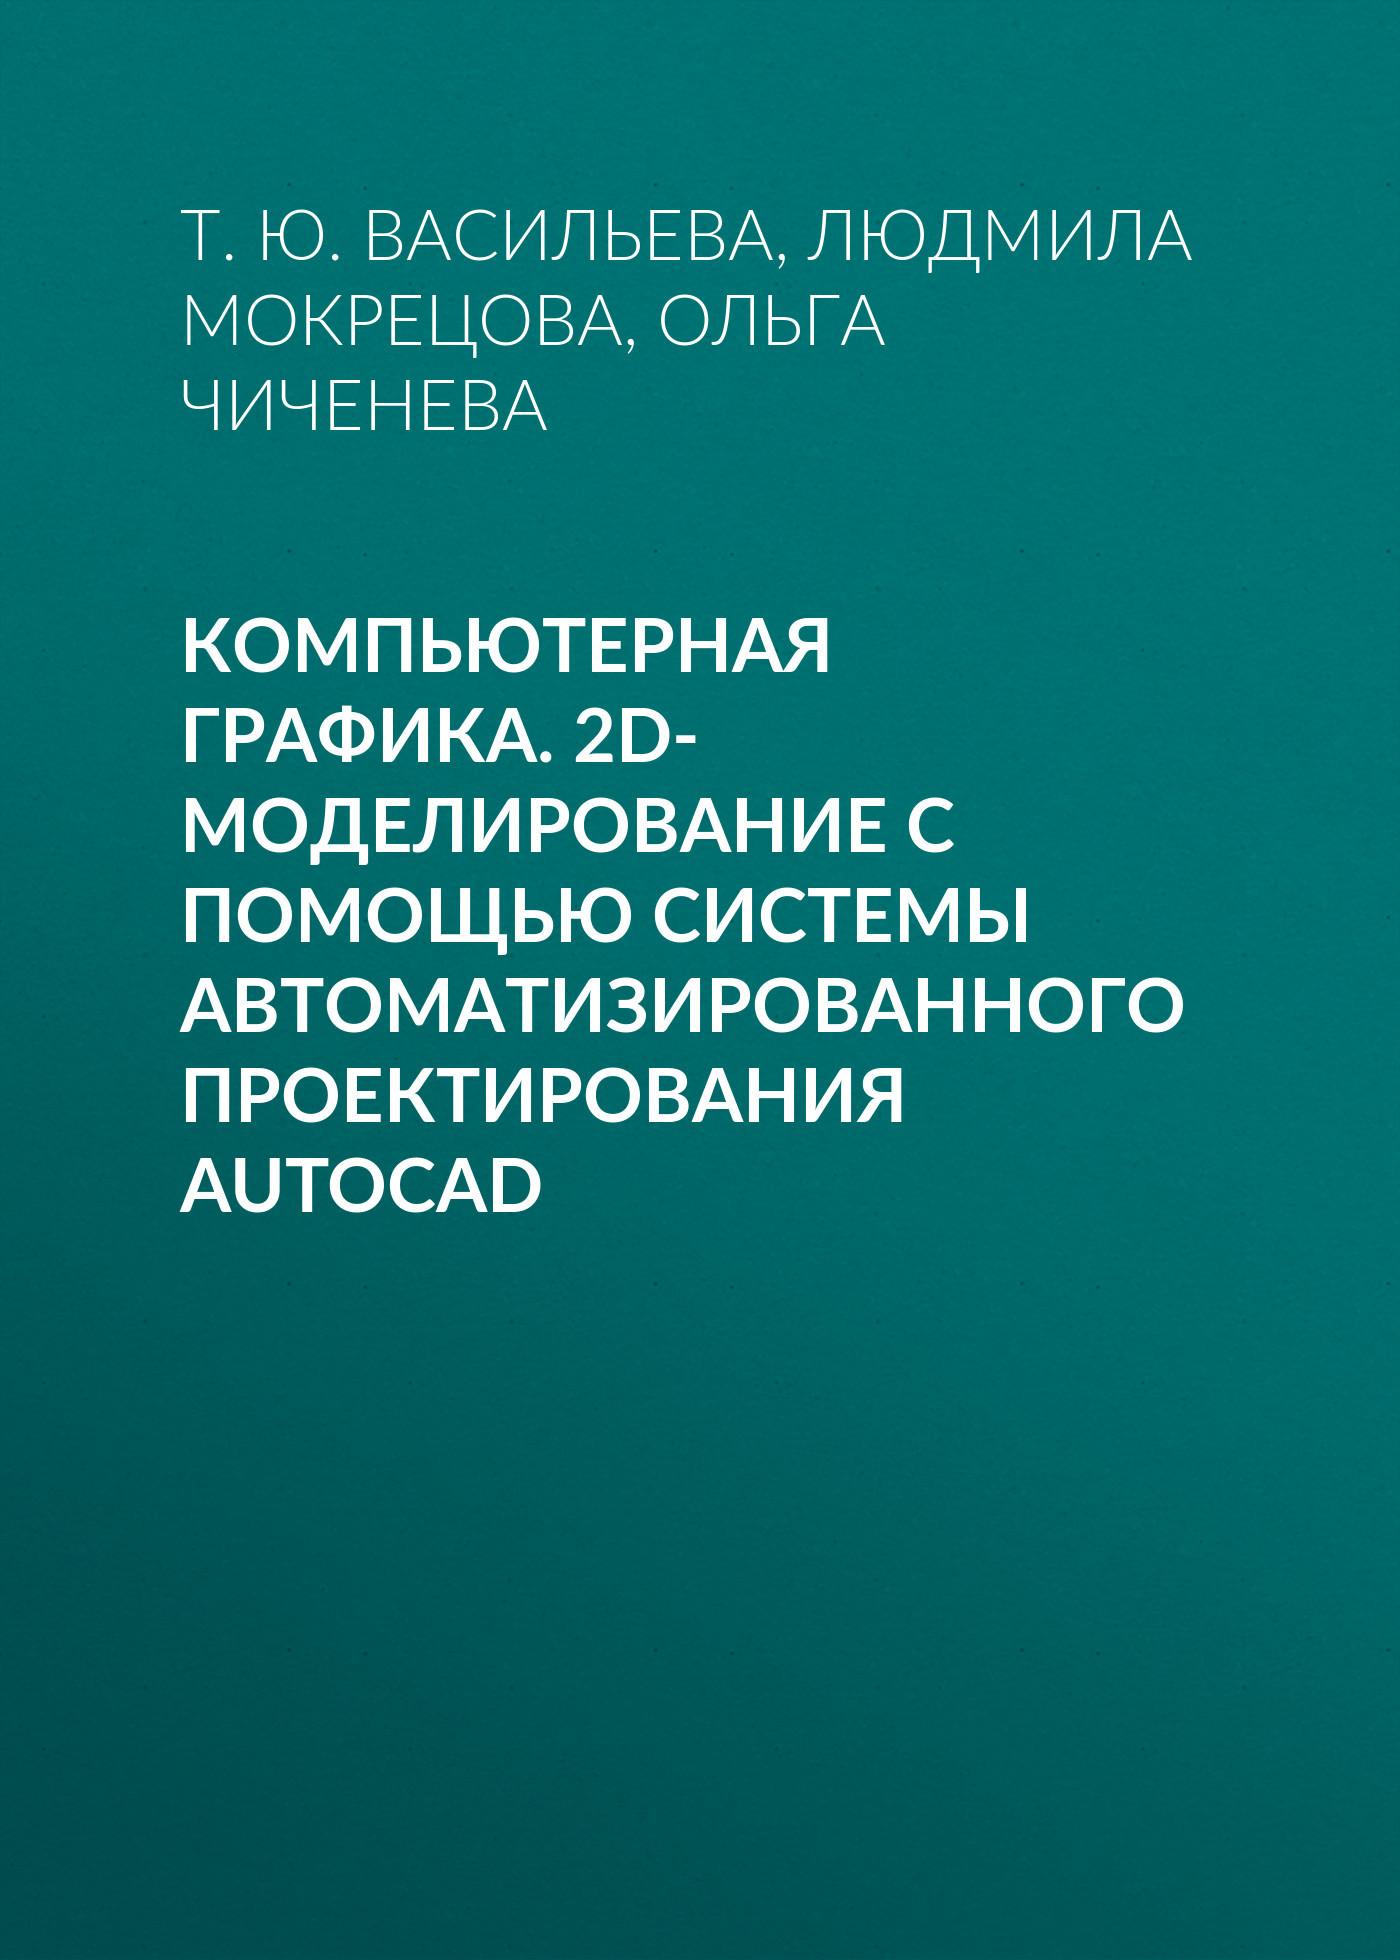 Т. Ю. Васильева Компьютерная графика. 2D-моделирование с помощью системы автоматизированного проектирования AutoCAD